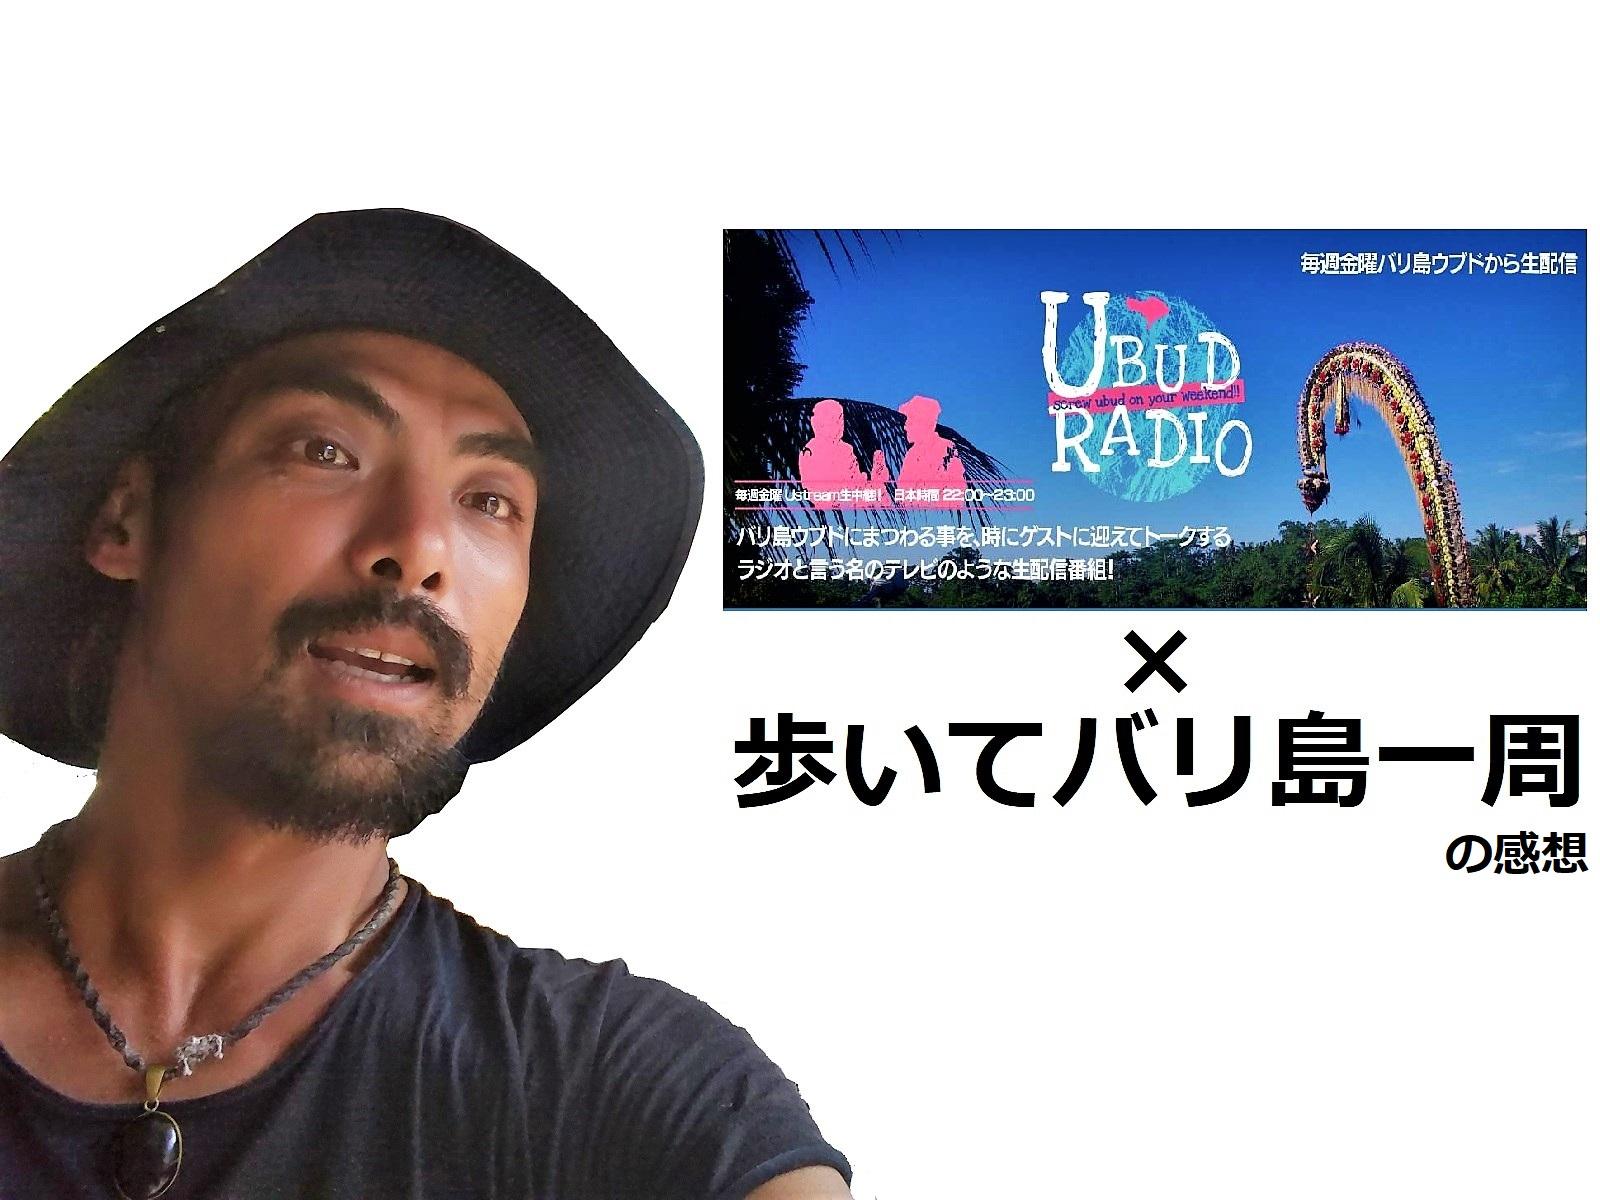 バリ島一周と動画配信